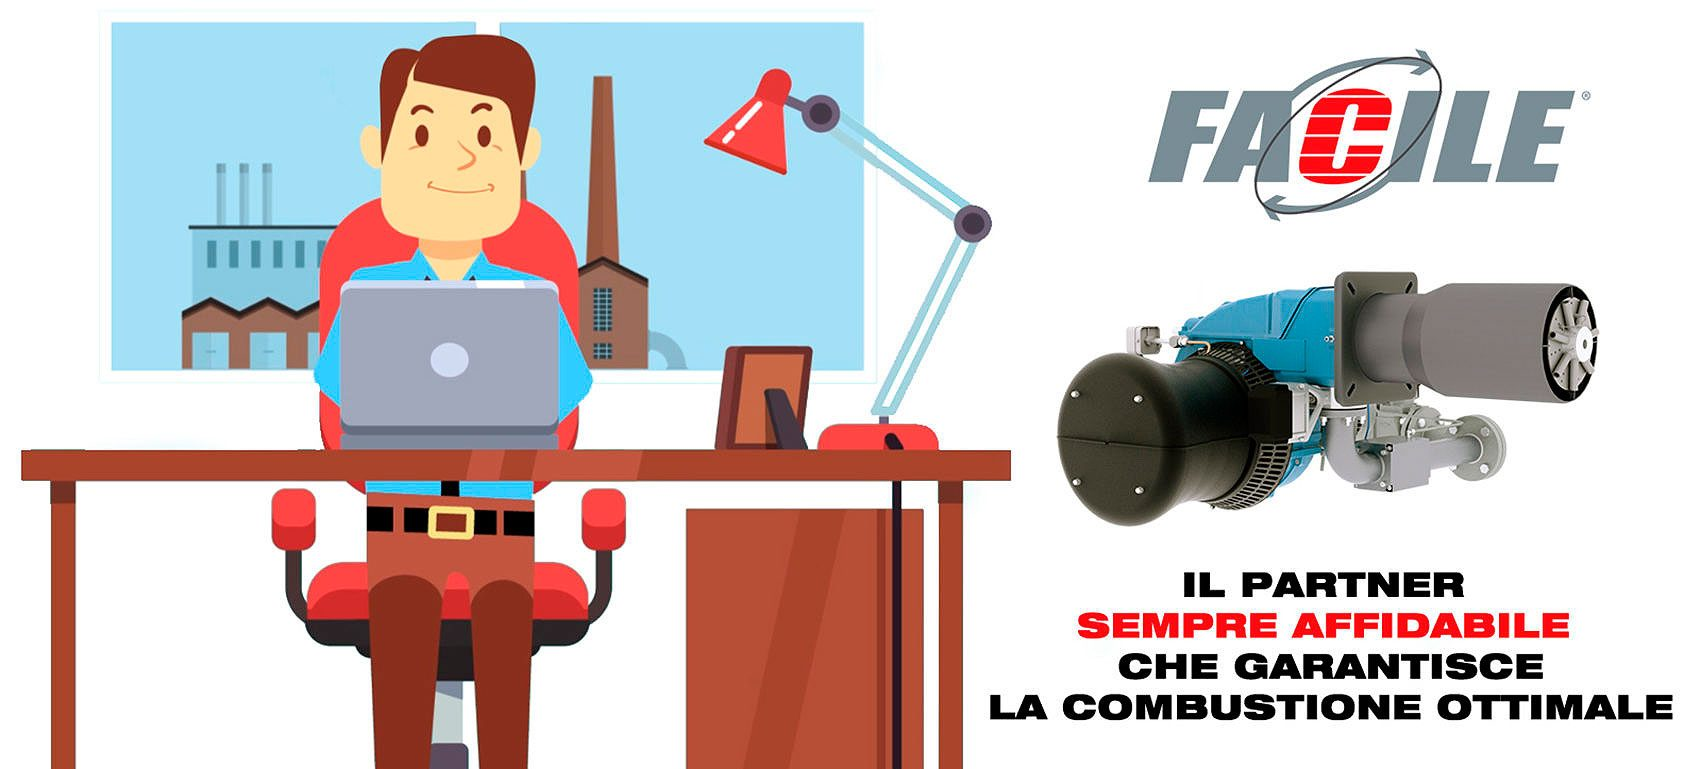 Bruciatore-FACILE-CIB-Unigas-combustione-ottimale-e1550533296929